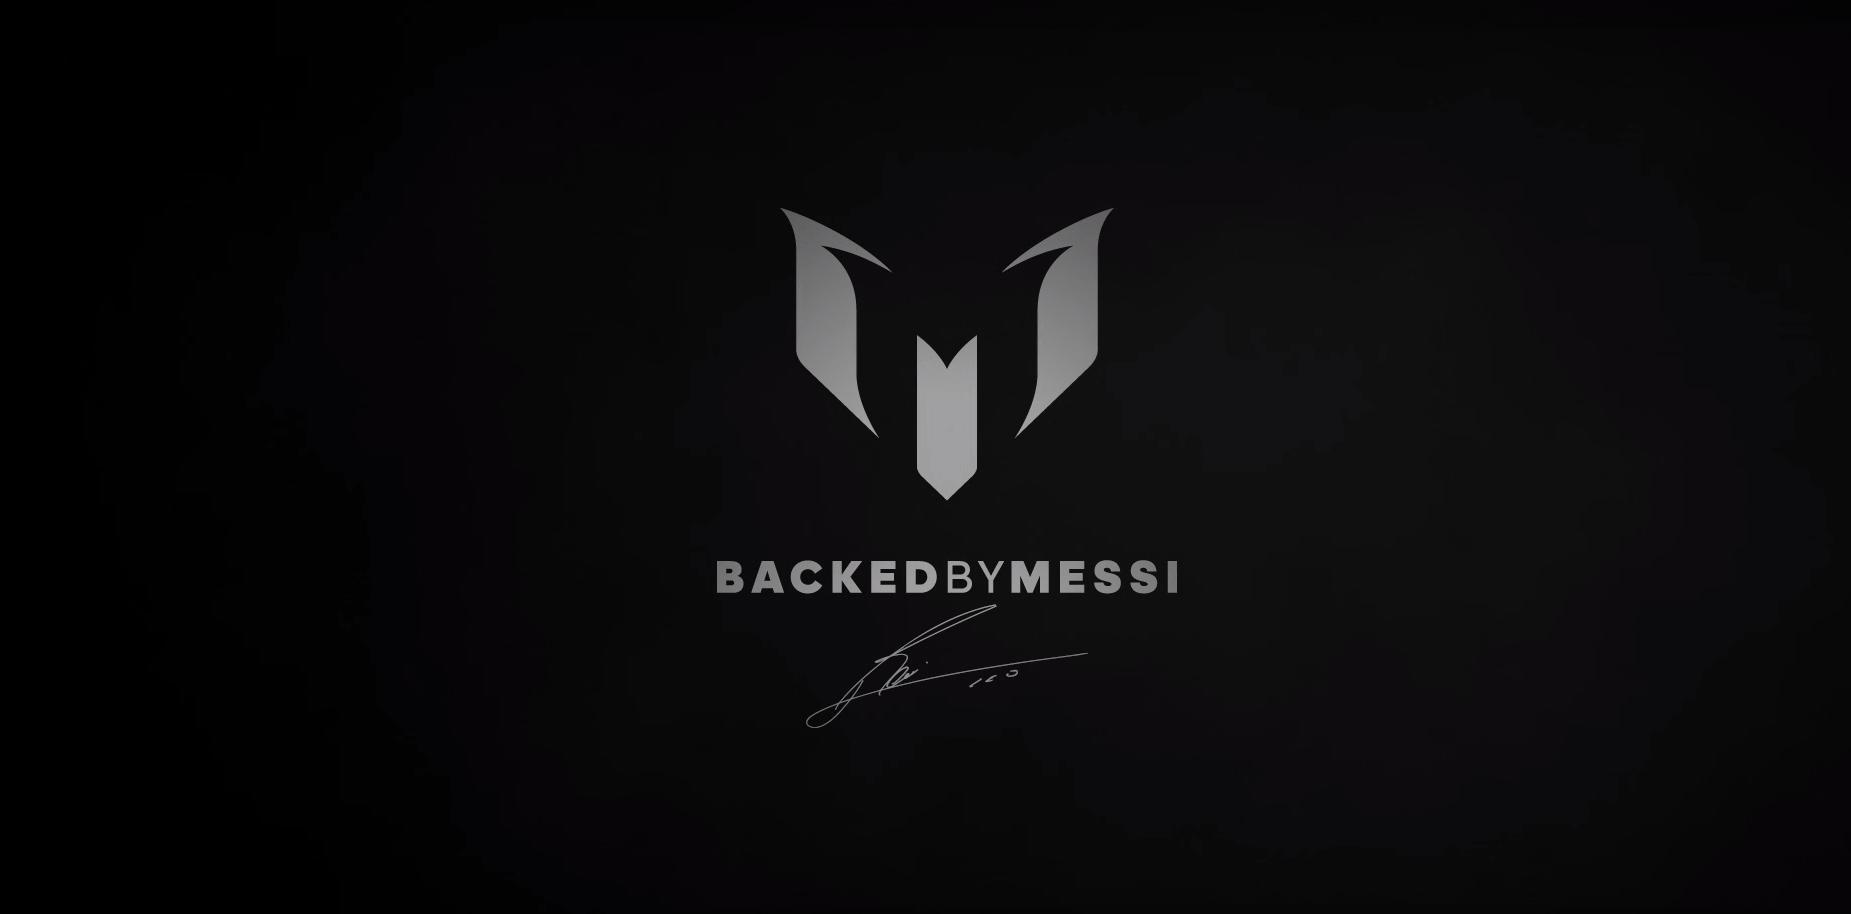 BackedByMessi